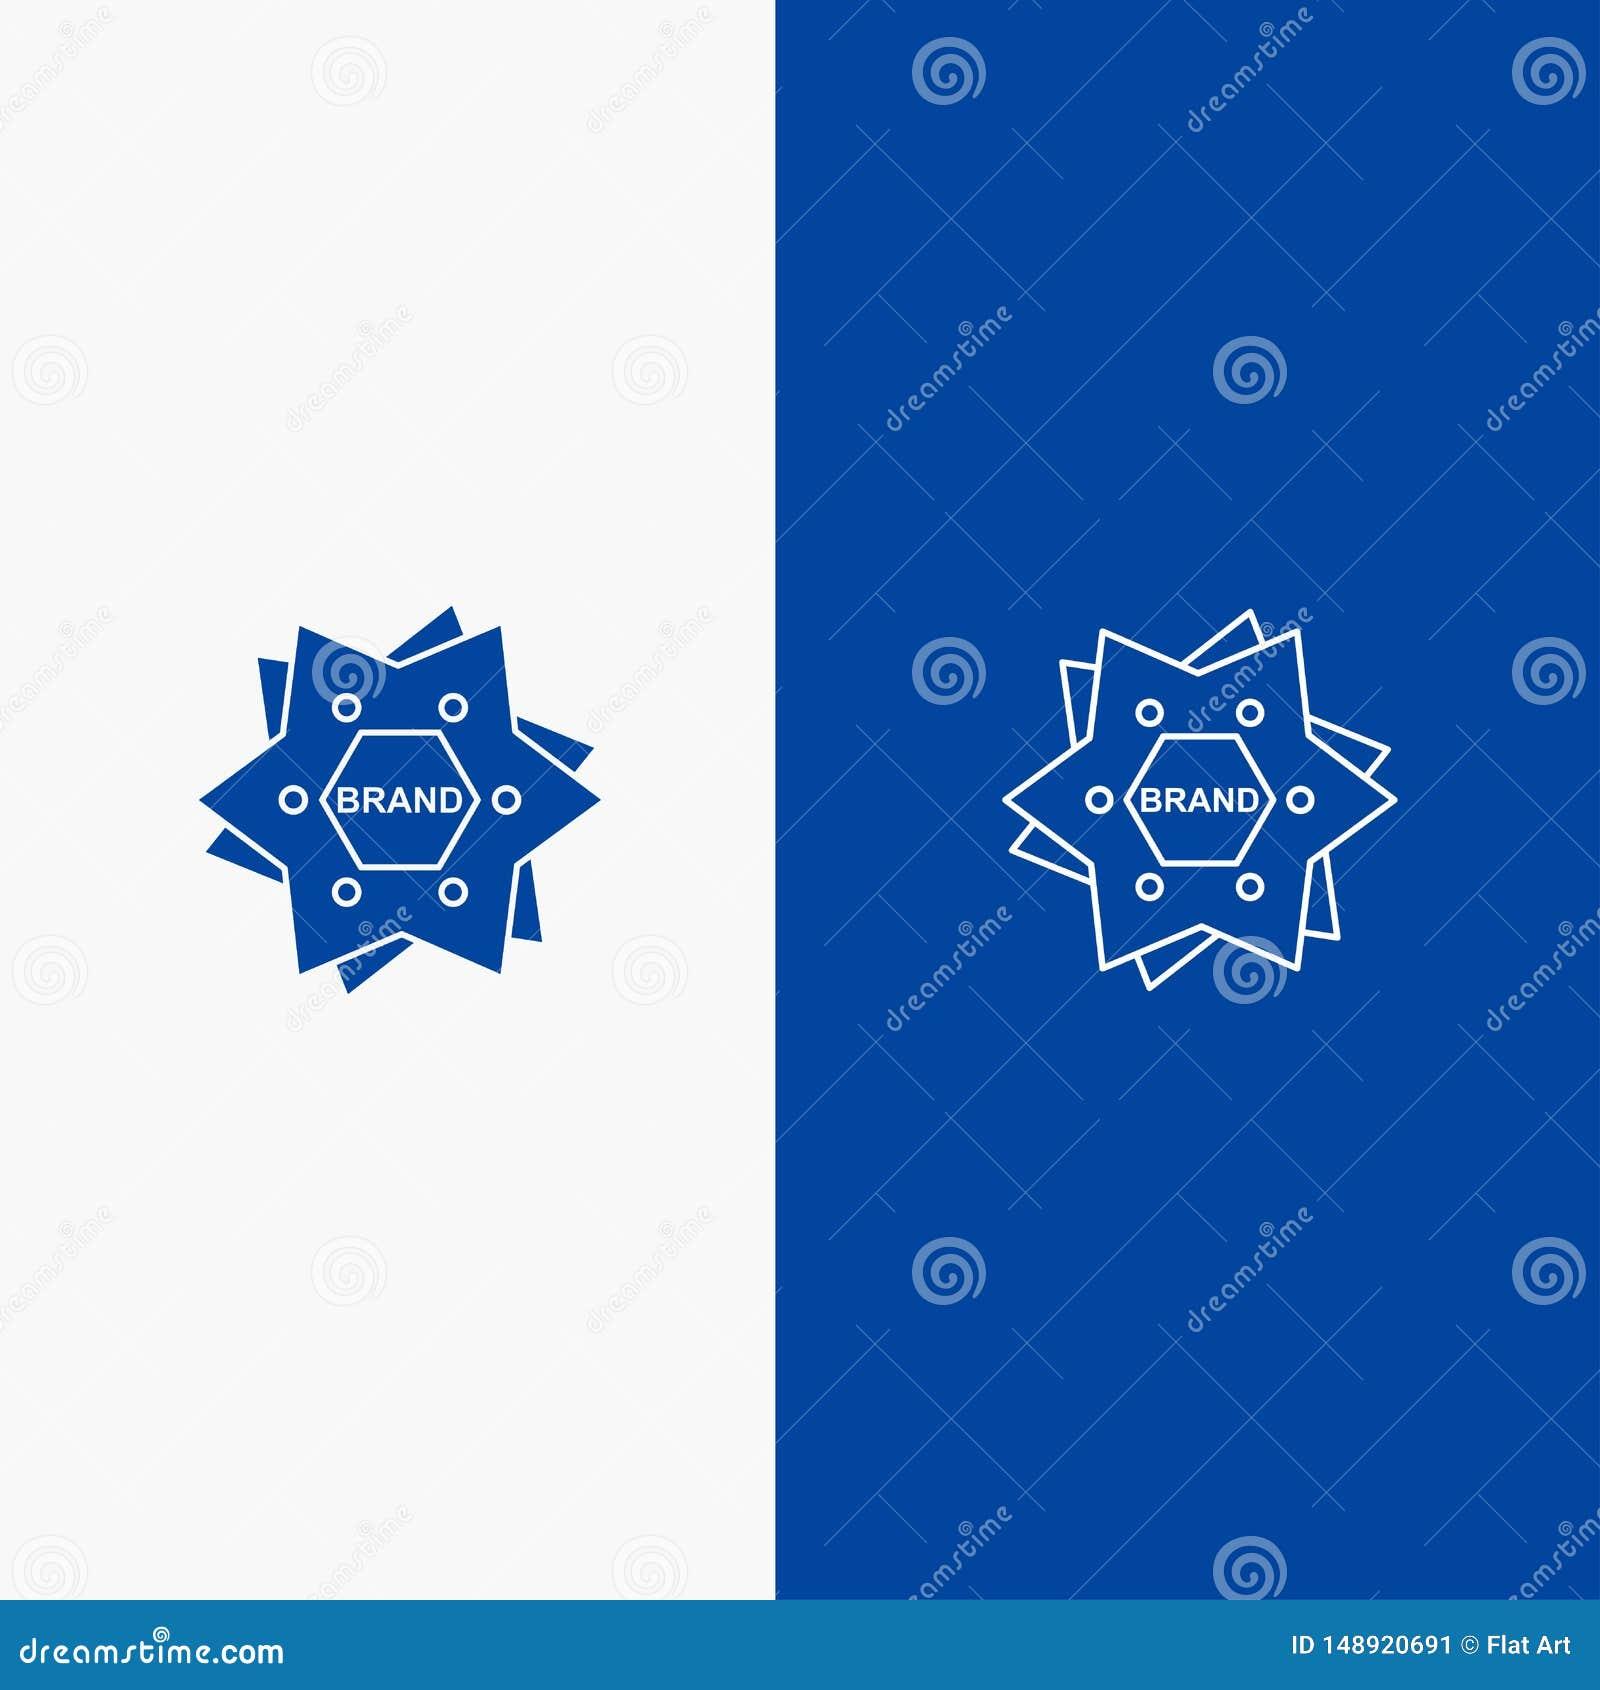 Αστέρι, μαρκάρισμα, εμπορικό σήμα, λογότυπο, γραμμή μορφής και στερεά γραμμή εμβλημάτων εικονιδίων Glyph μπλε και στερεό μπλε έμβ